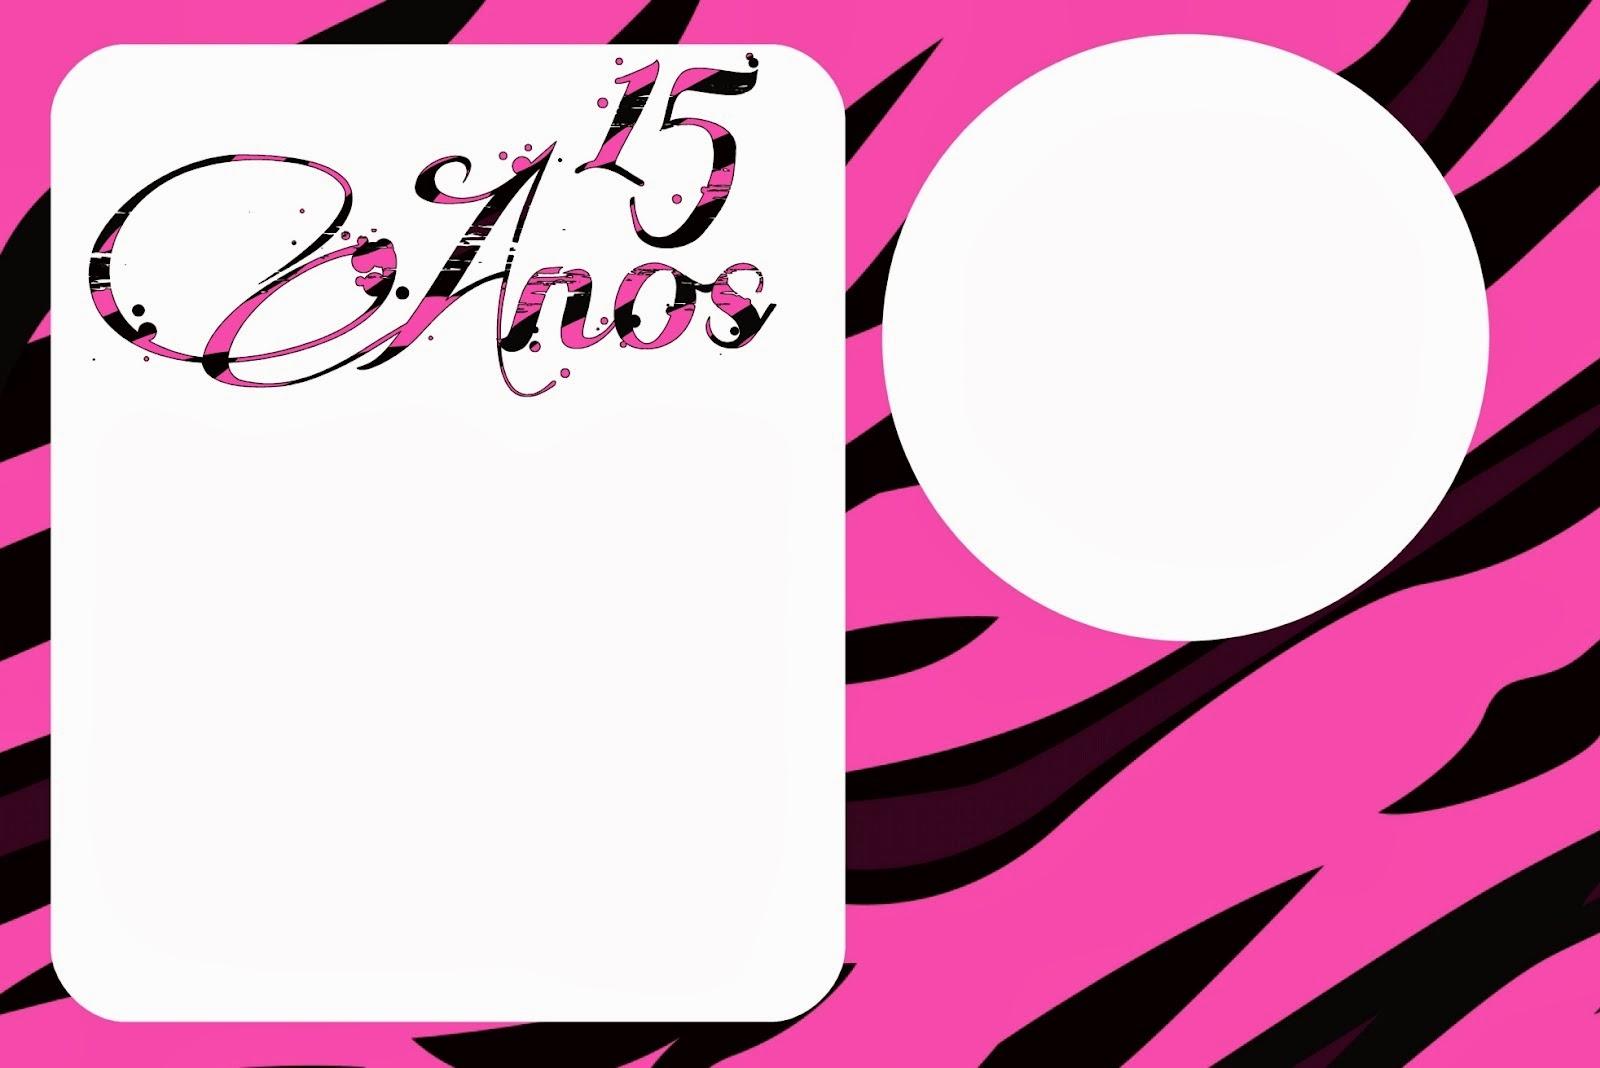 13 moldura convite e - photo #7